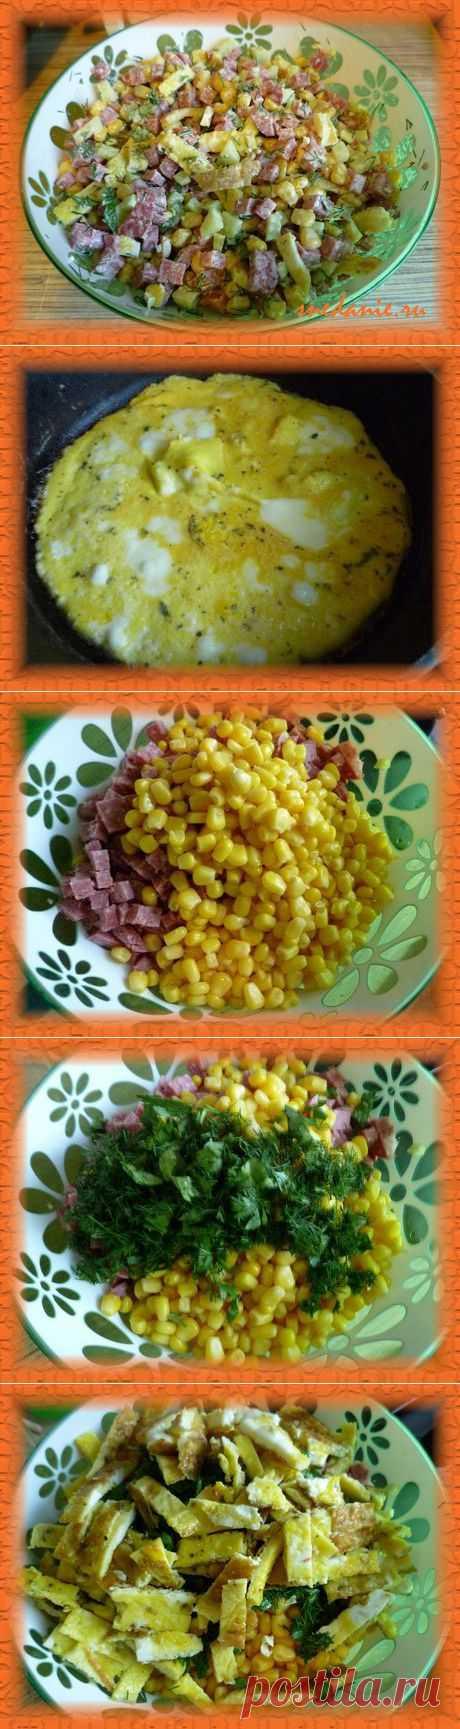 Салат с омлетом, ветчиной и кукурузой - рецепт с фото